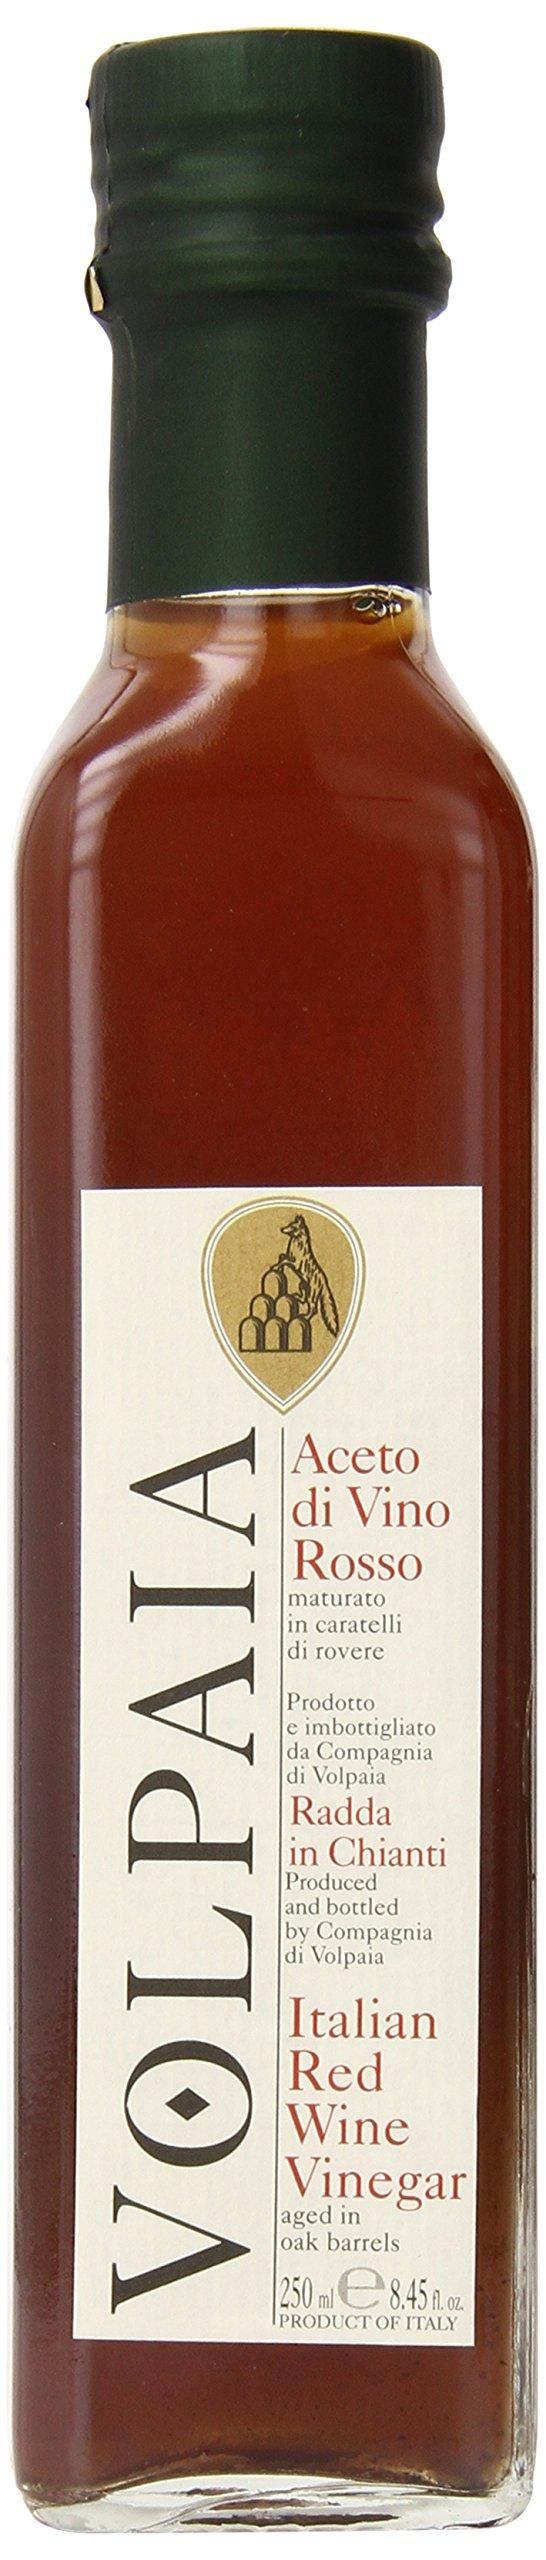 Costello Di Volpaia Tuscany Red Wine Vinegar, 8.8 Fluid Ounces by Costello Di Volpaia (Image #1)